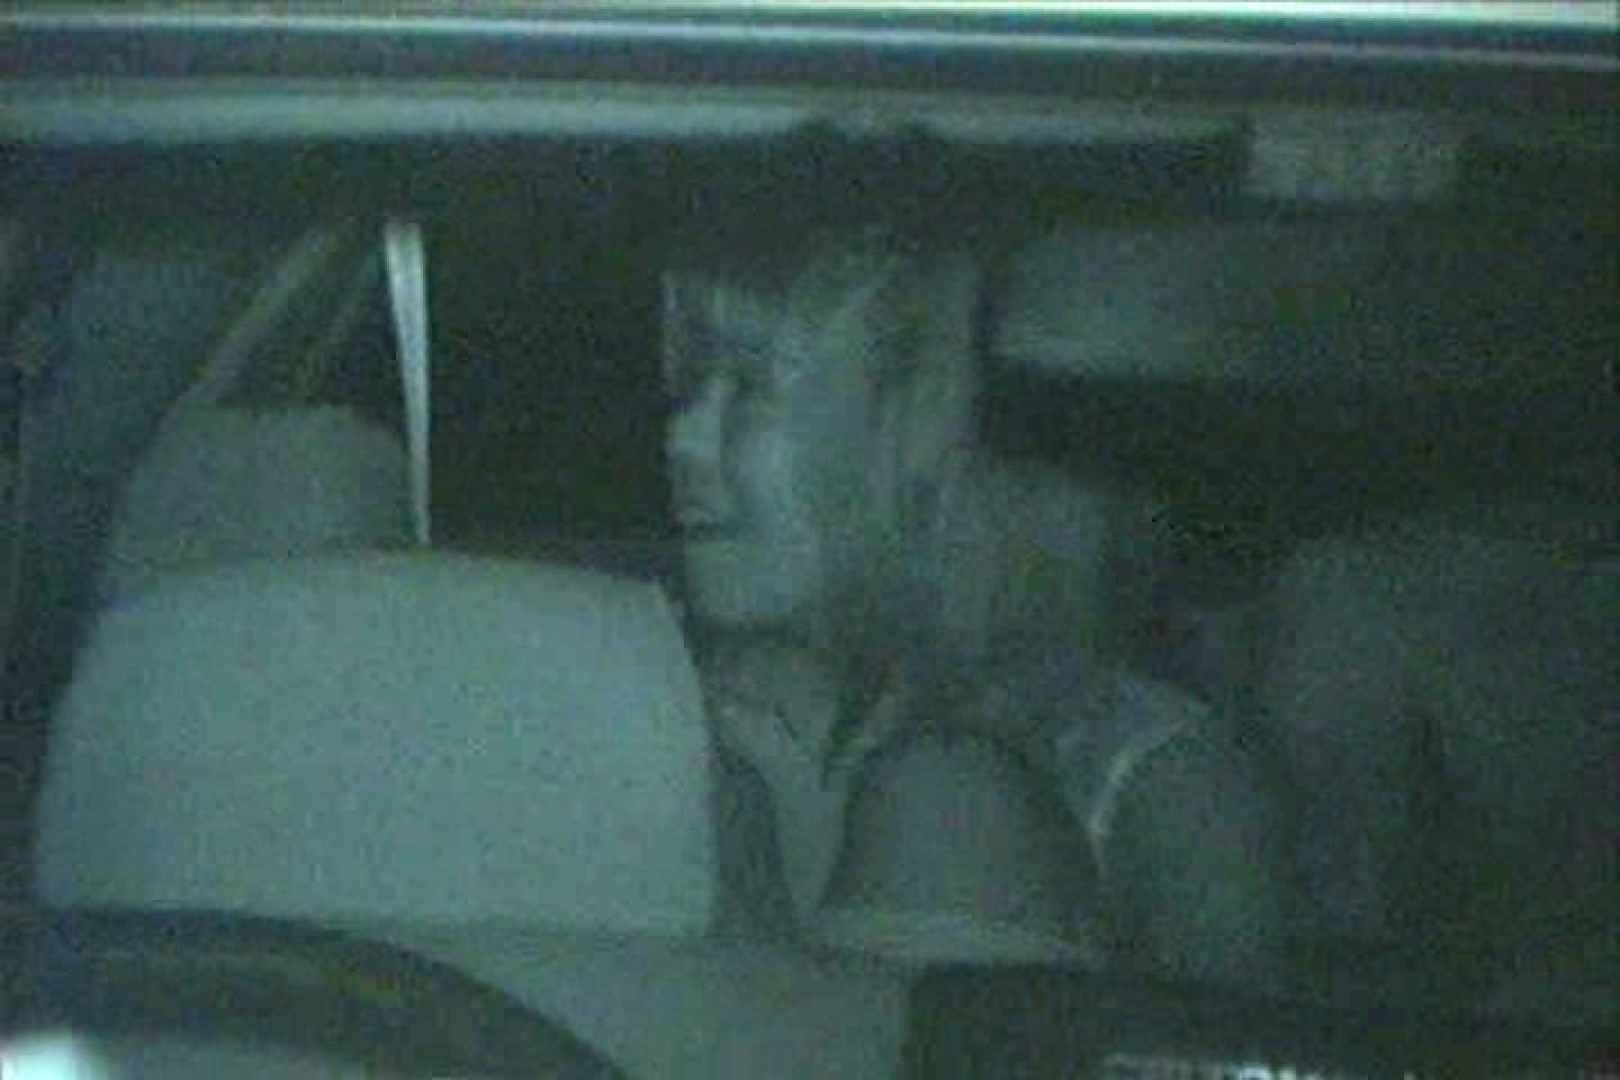 車の中はラブホテル 無修正版  Vol.27 マンコ無修正 盗み撮りオマンコ動画キャプチャ 91画像 51